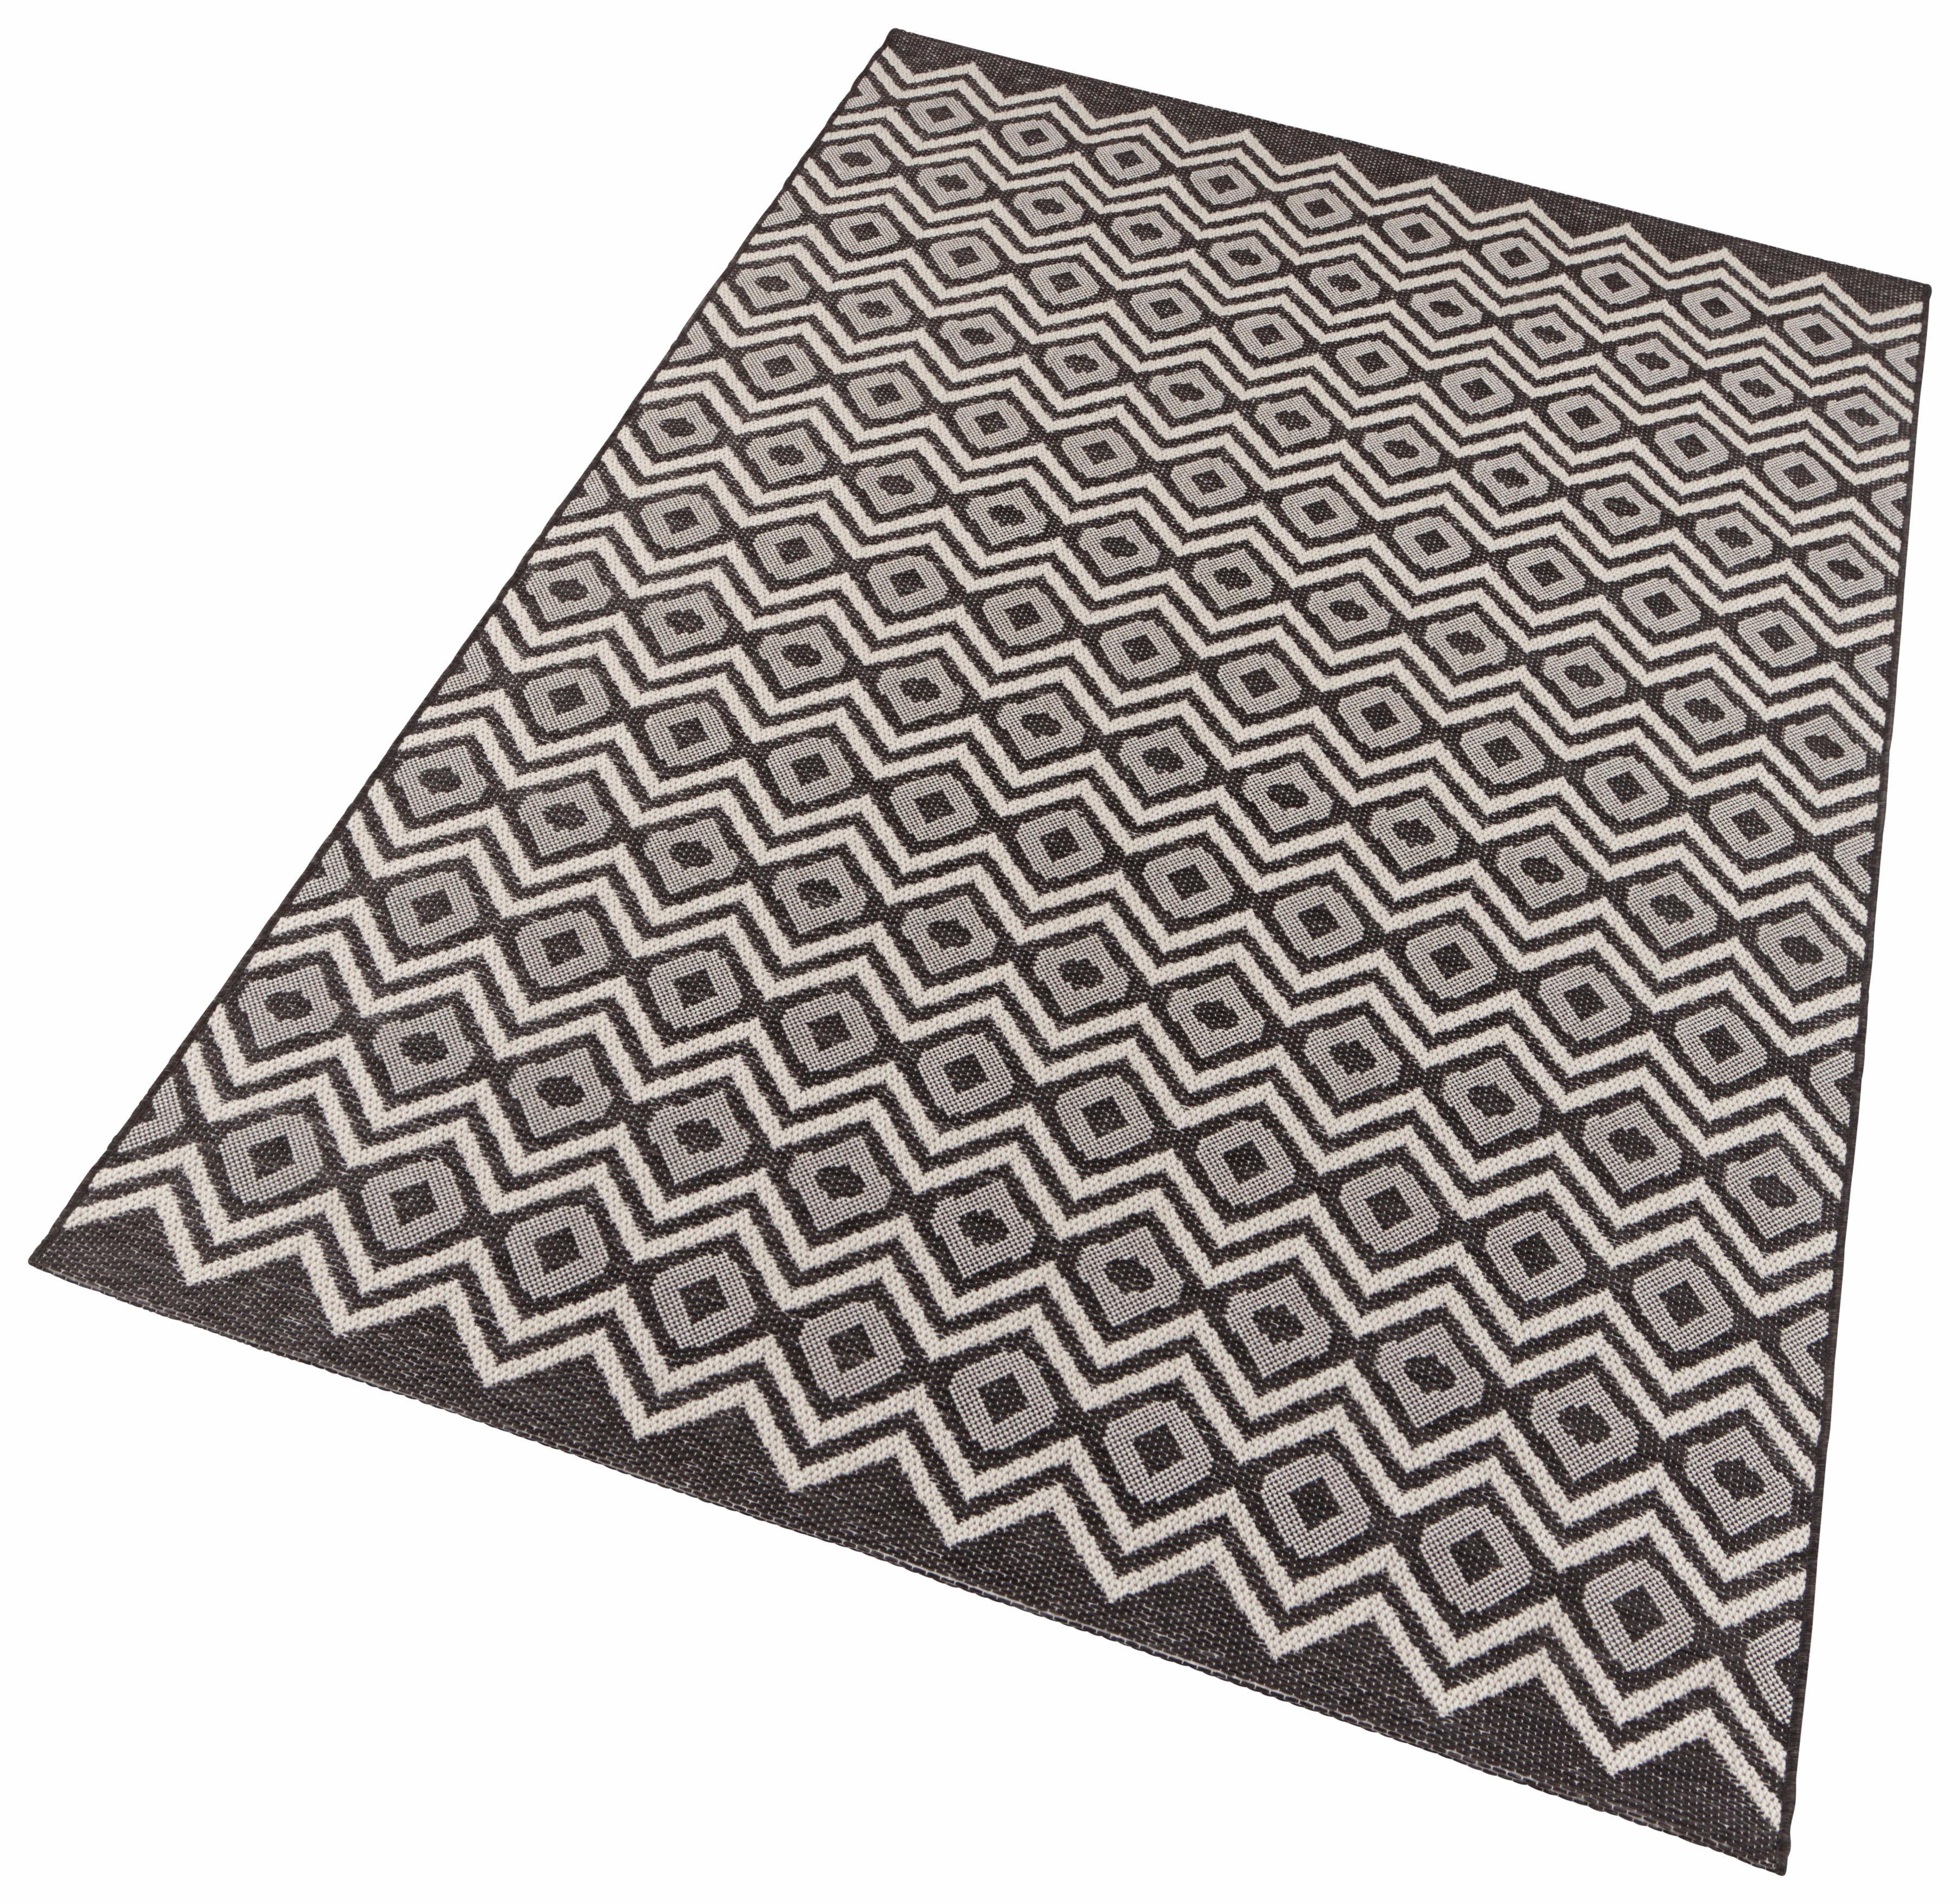 Teppich Sky freundin Home Collection rechteckig Höhe 4 mm maschinell gewebt